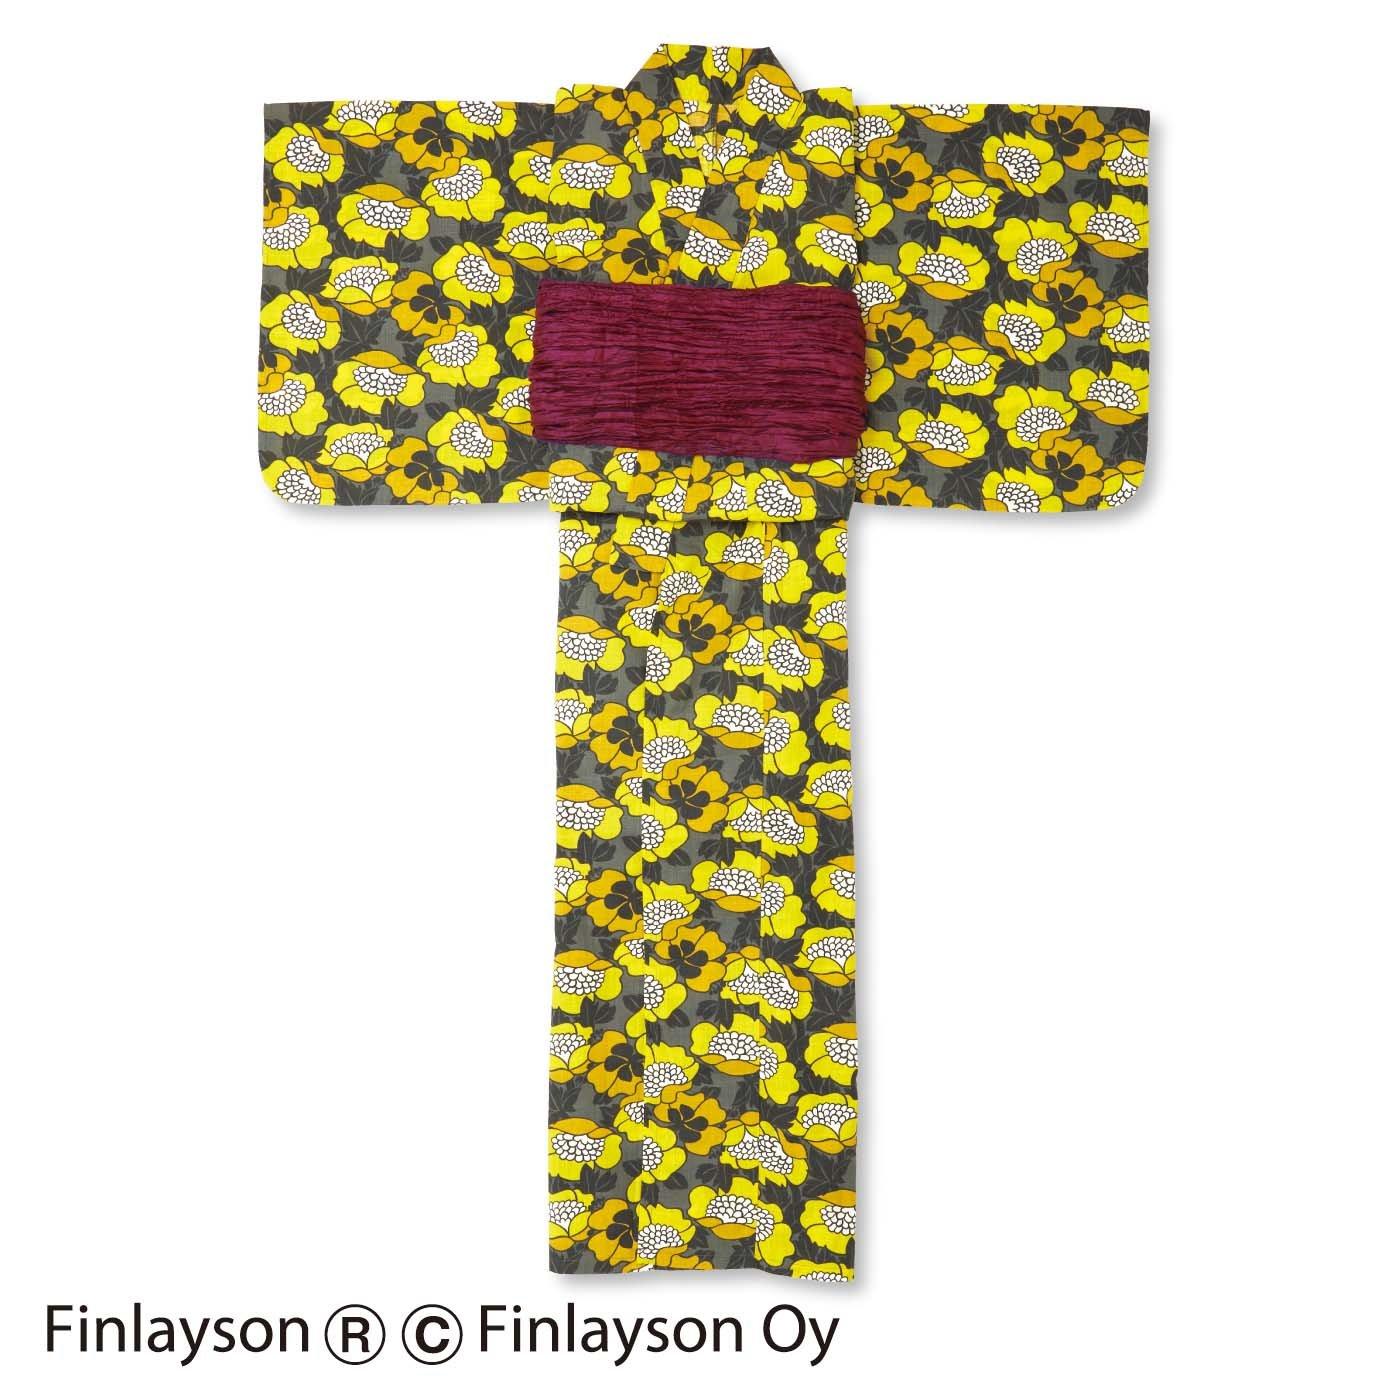 フィンレイソン ジュニア浴衣(ゆかた)〈アンヌッカ〉